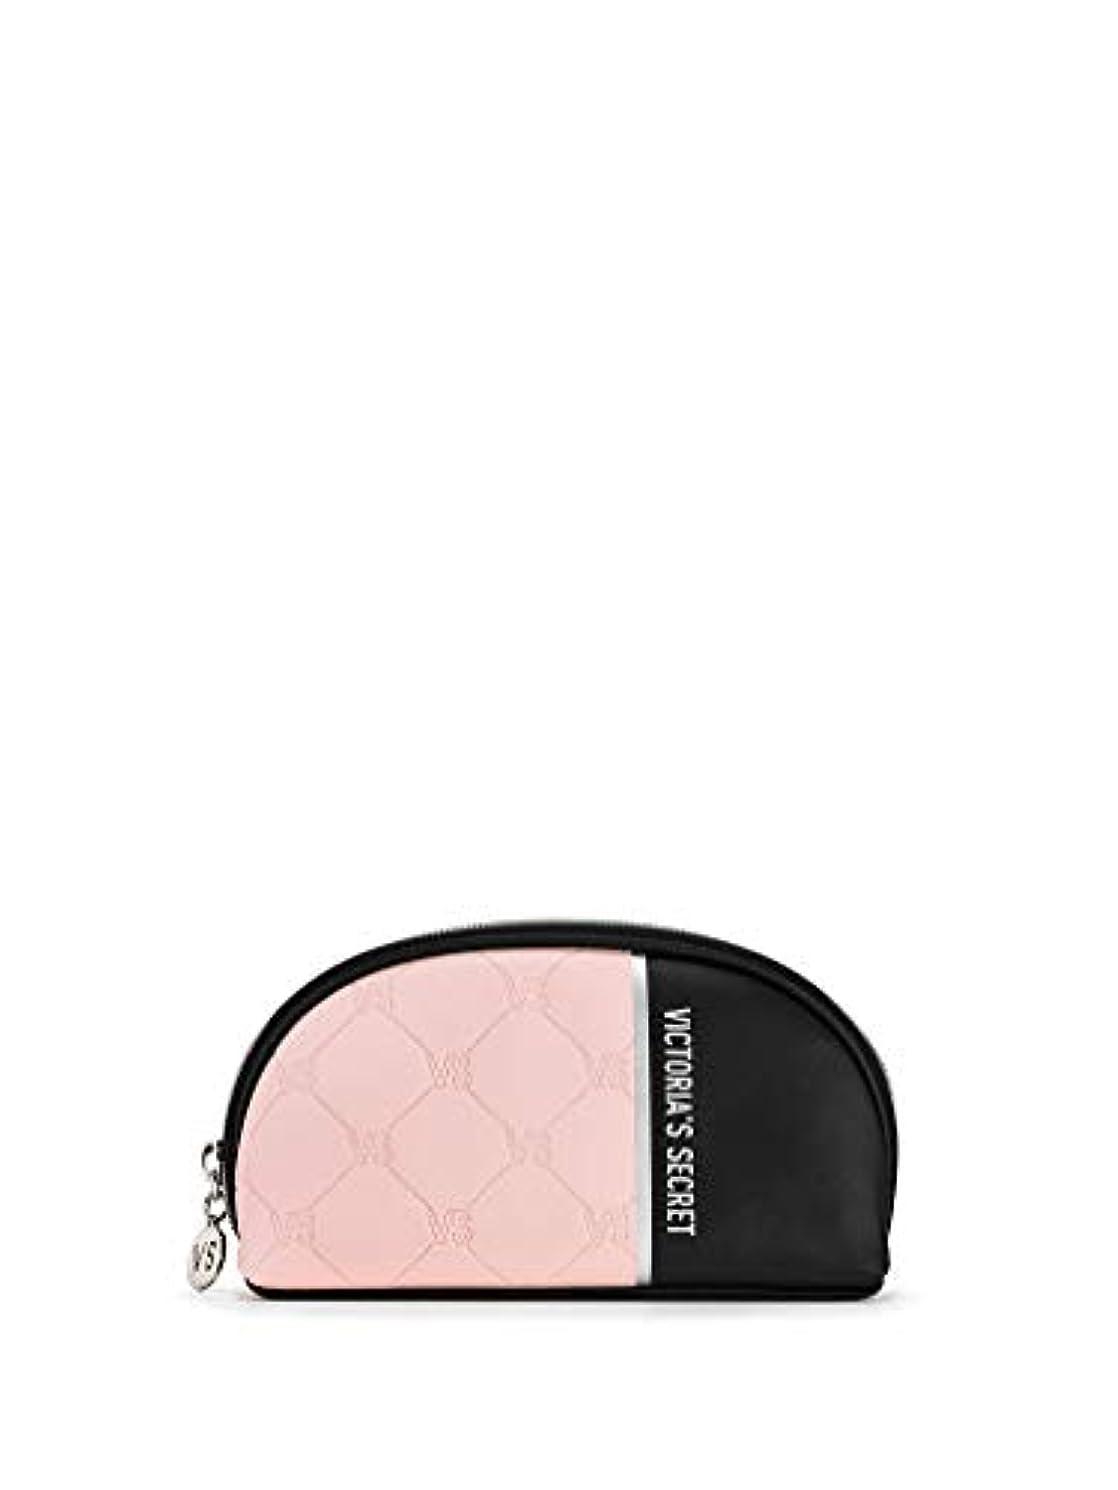 ピカリングあたたかいであるVICTORIA'S SECRET ヴィクトリアシークレット/ビクトリアシークレット シグネチャーミックスビューティーバッグ/Signature Mix Beauty Bag [並行輸入品]